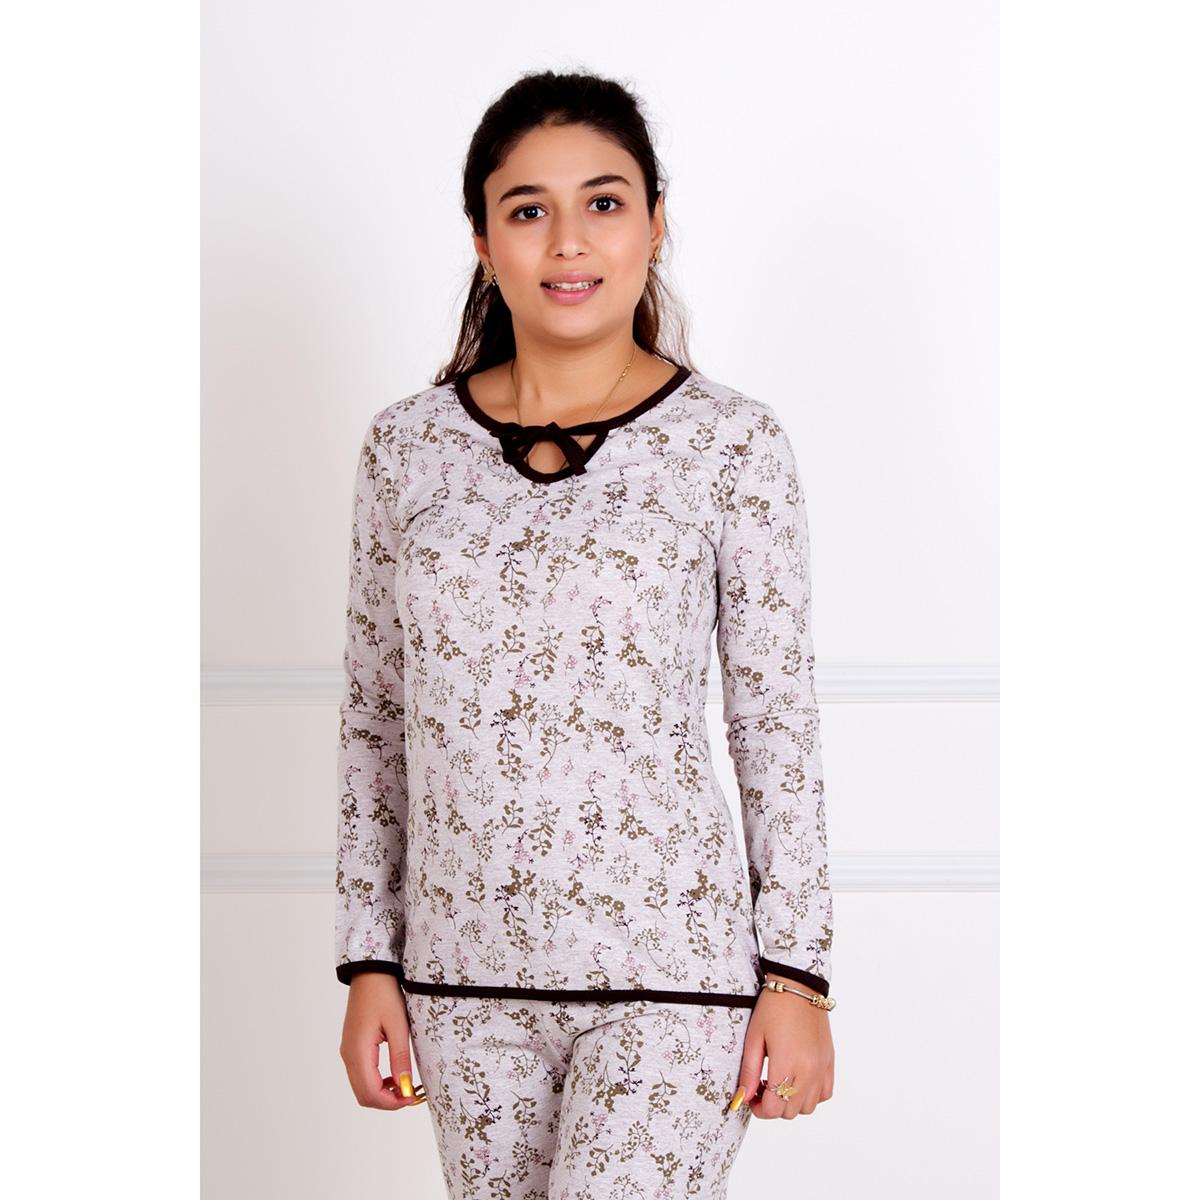 Женский пижама Веточки, размер 46Пижамы и ночные сорочки<br>Обхват груди:92 см<br>Обхват талии:74 см<br>Обхват бедер:100 см<br>Рост:167 см<br><br>Тип: Жен. костюм<br>Размер: 46<br>Материал: Кулирка